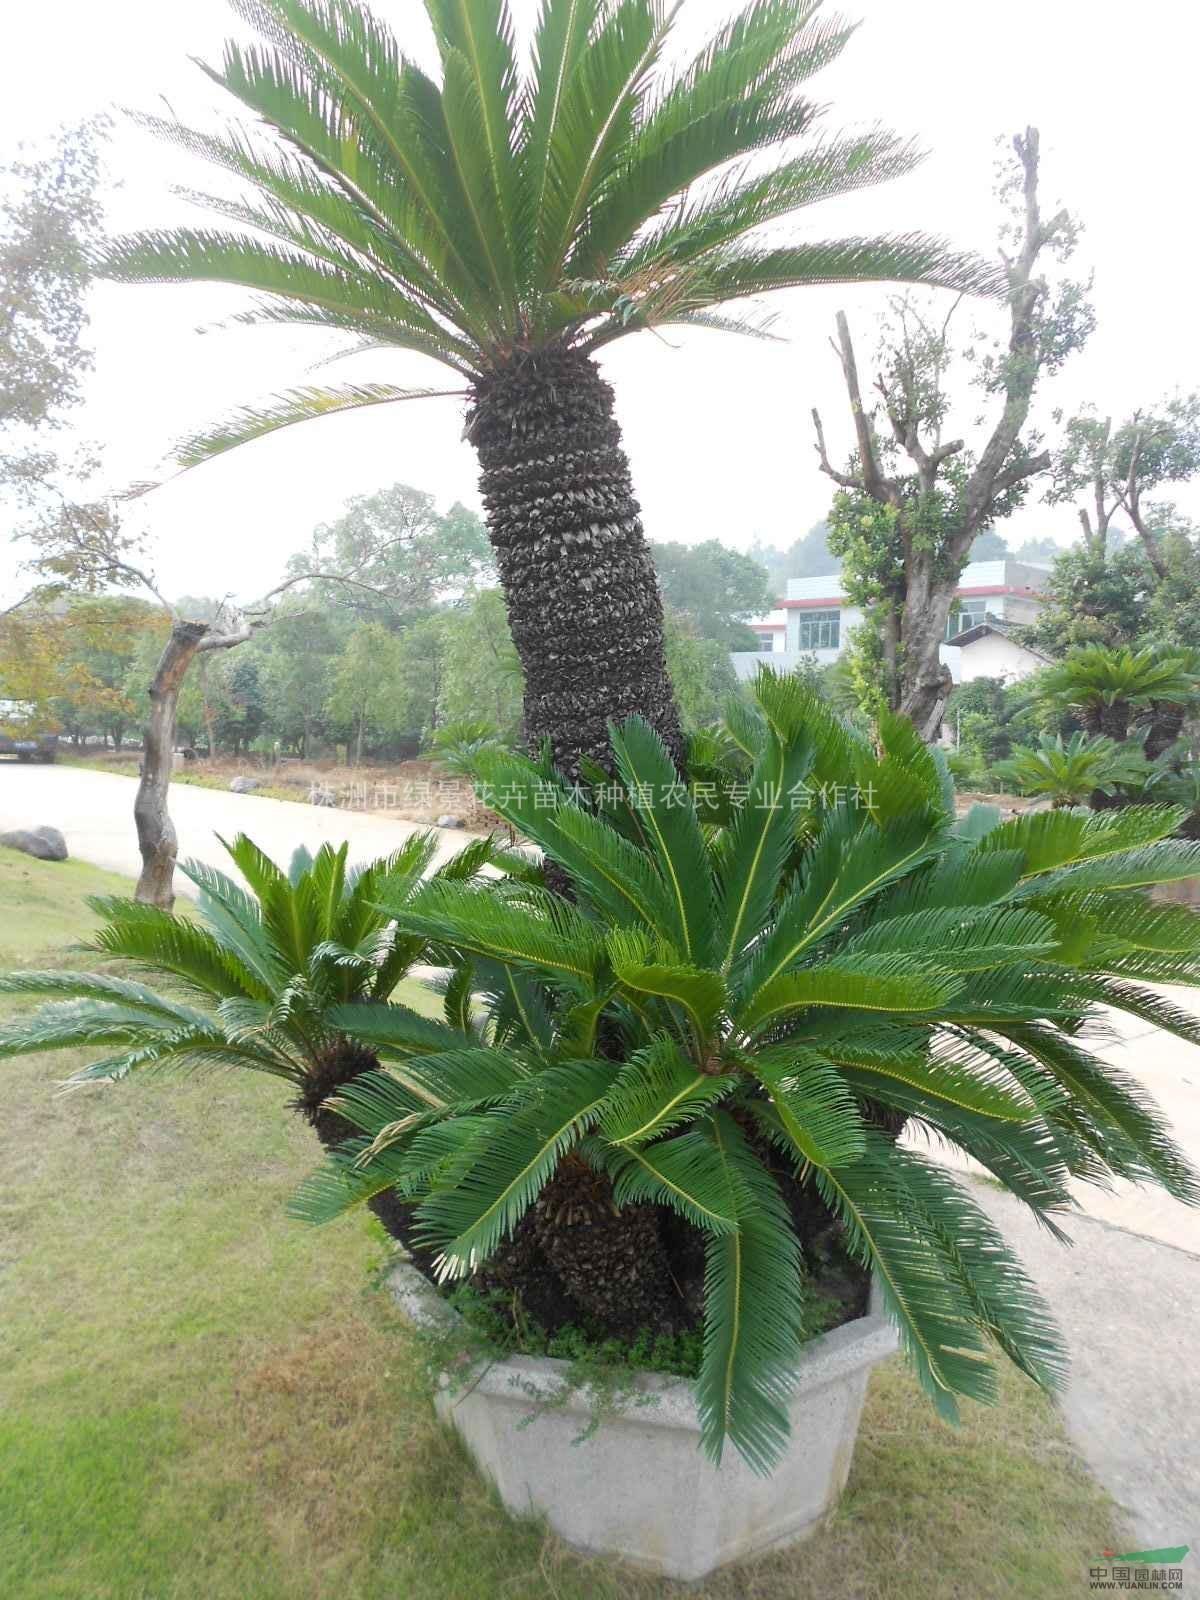 首页 绿化苗木频道 苗木供应 绿化苗木 棕榈类植物 铁树 湖南铁树  供